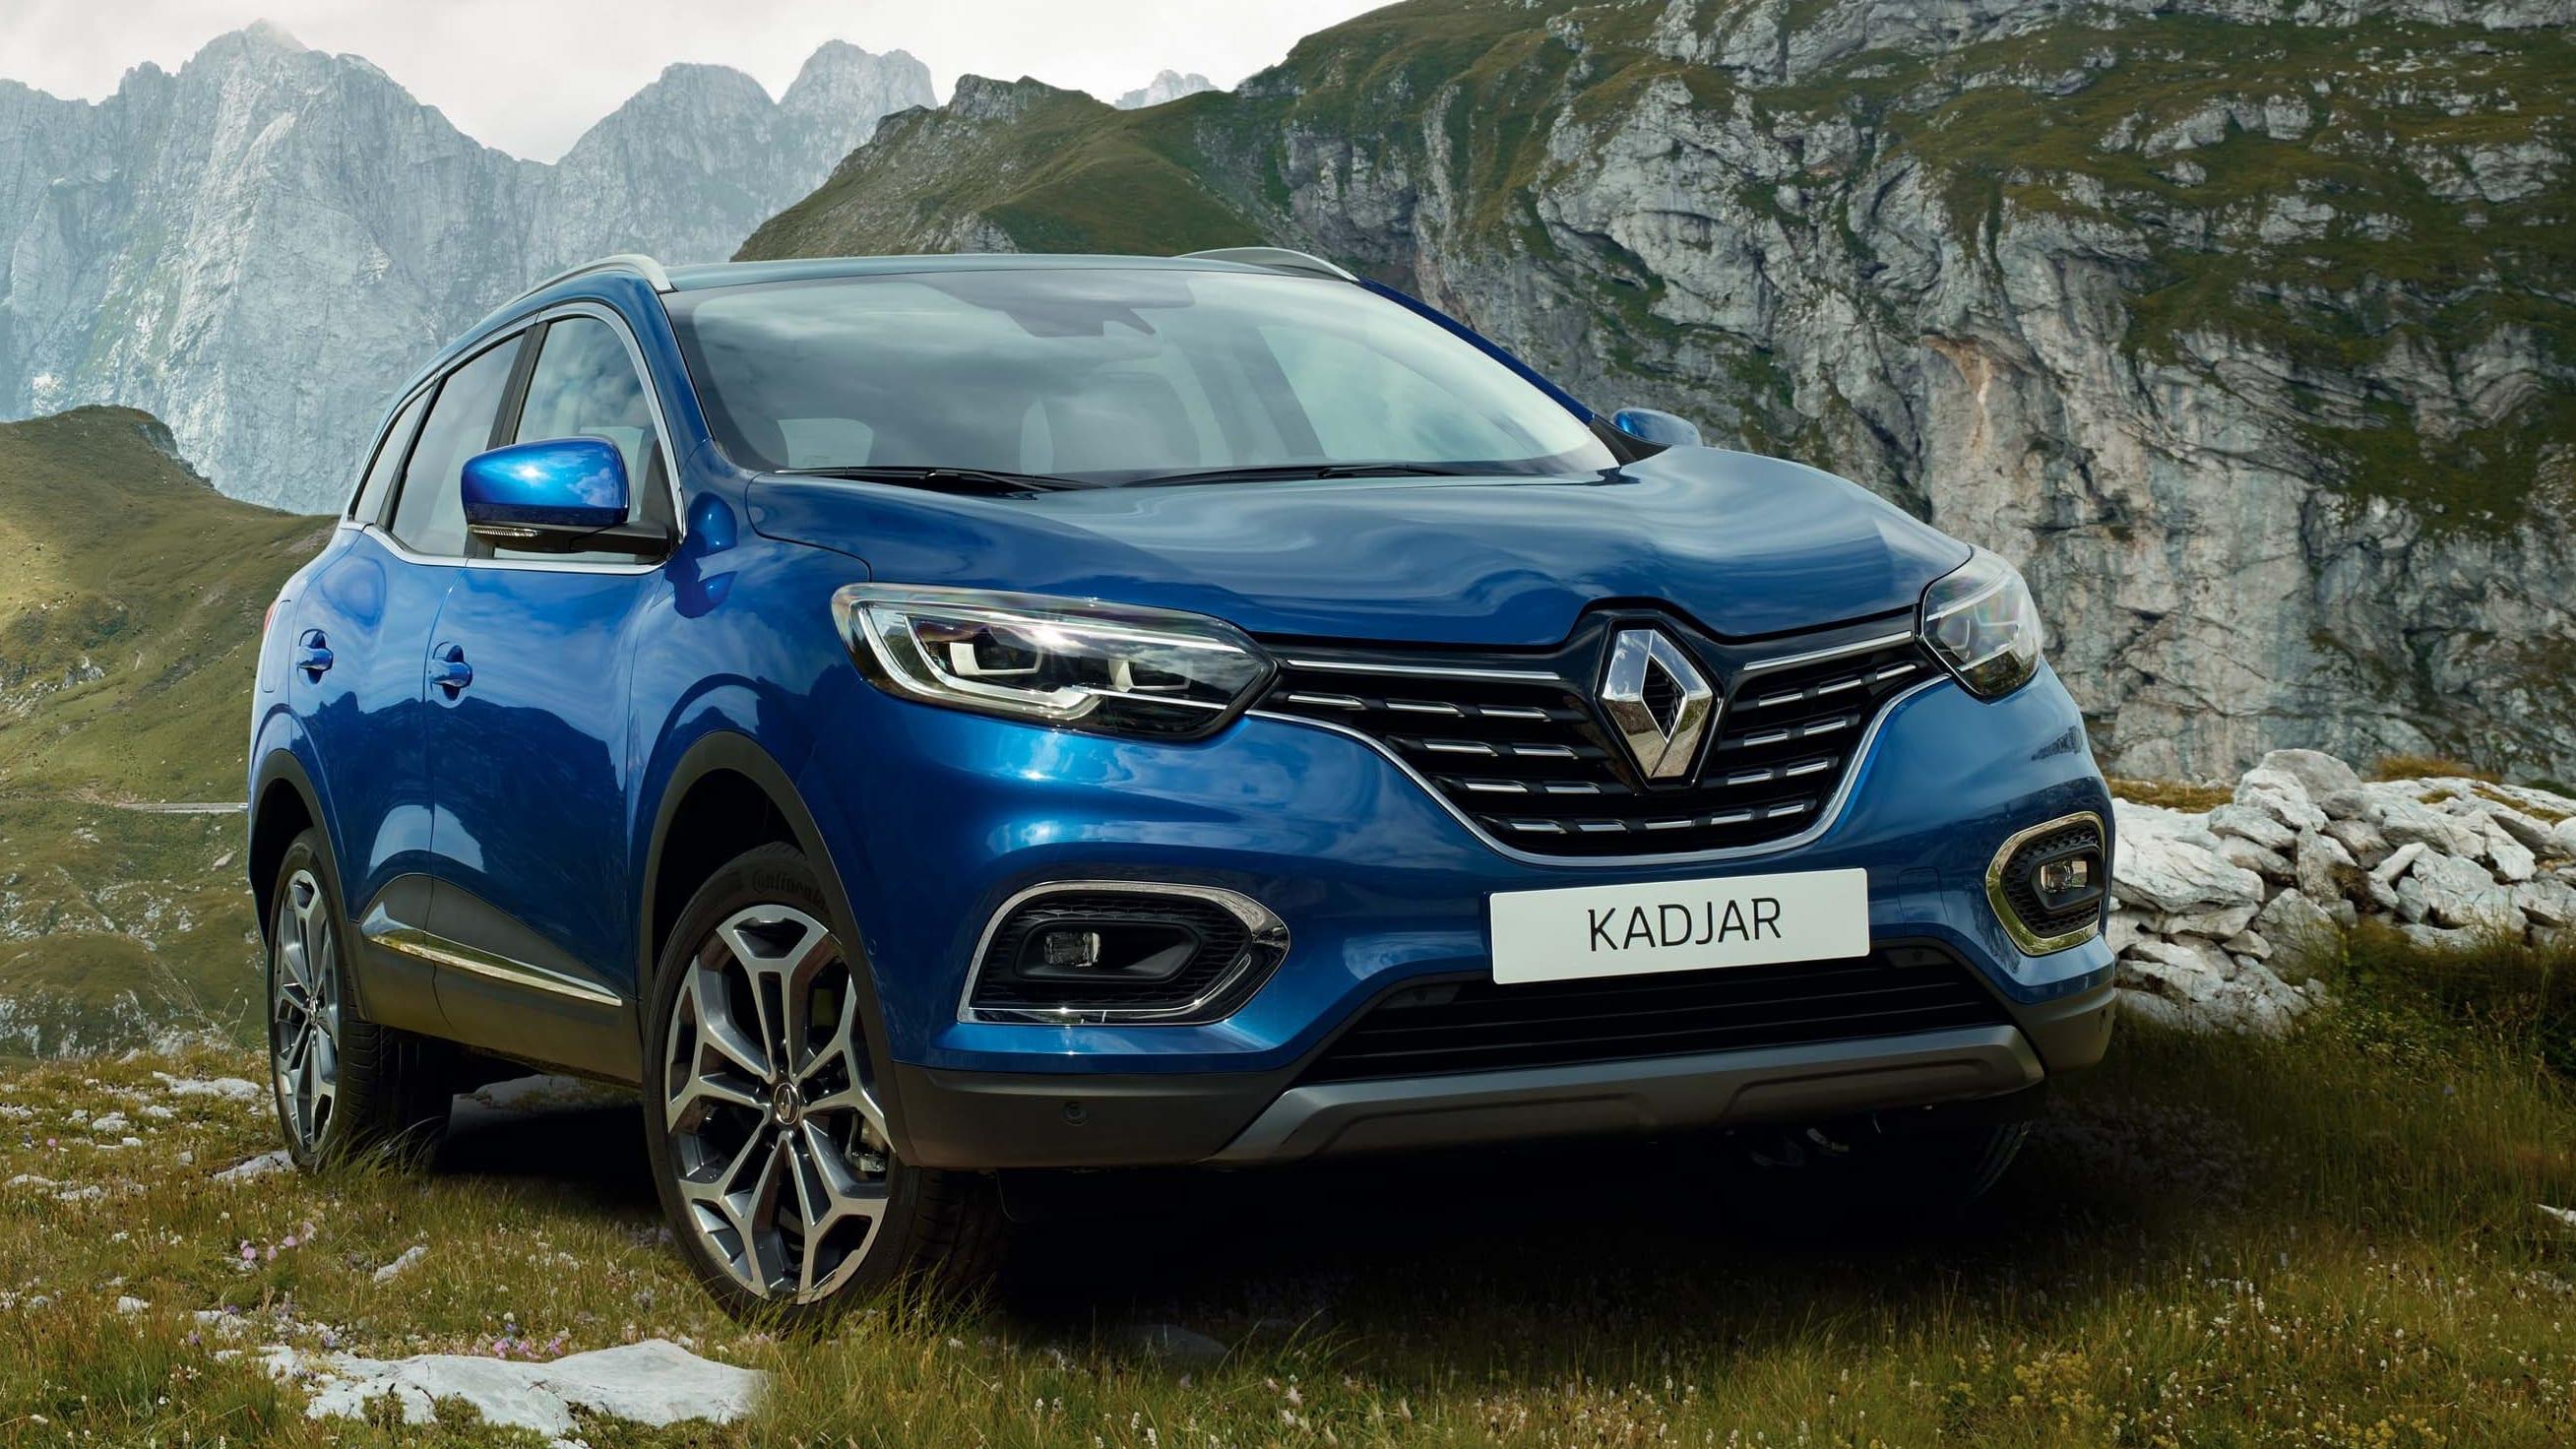 2020 Renault Kadjar pricing and specs | CarAdvice